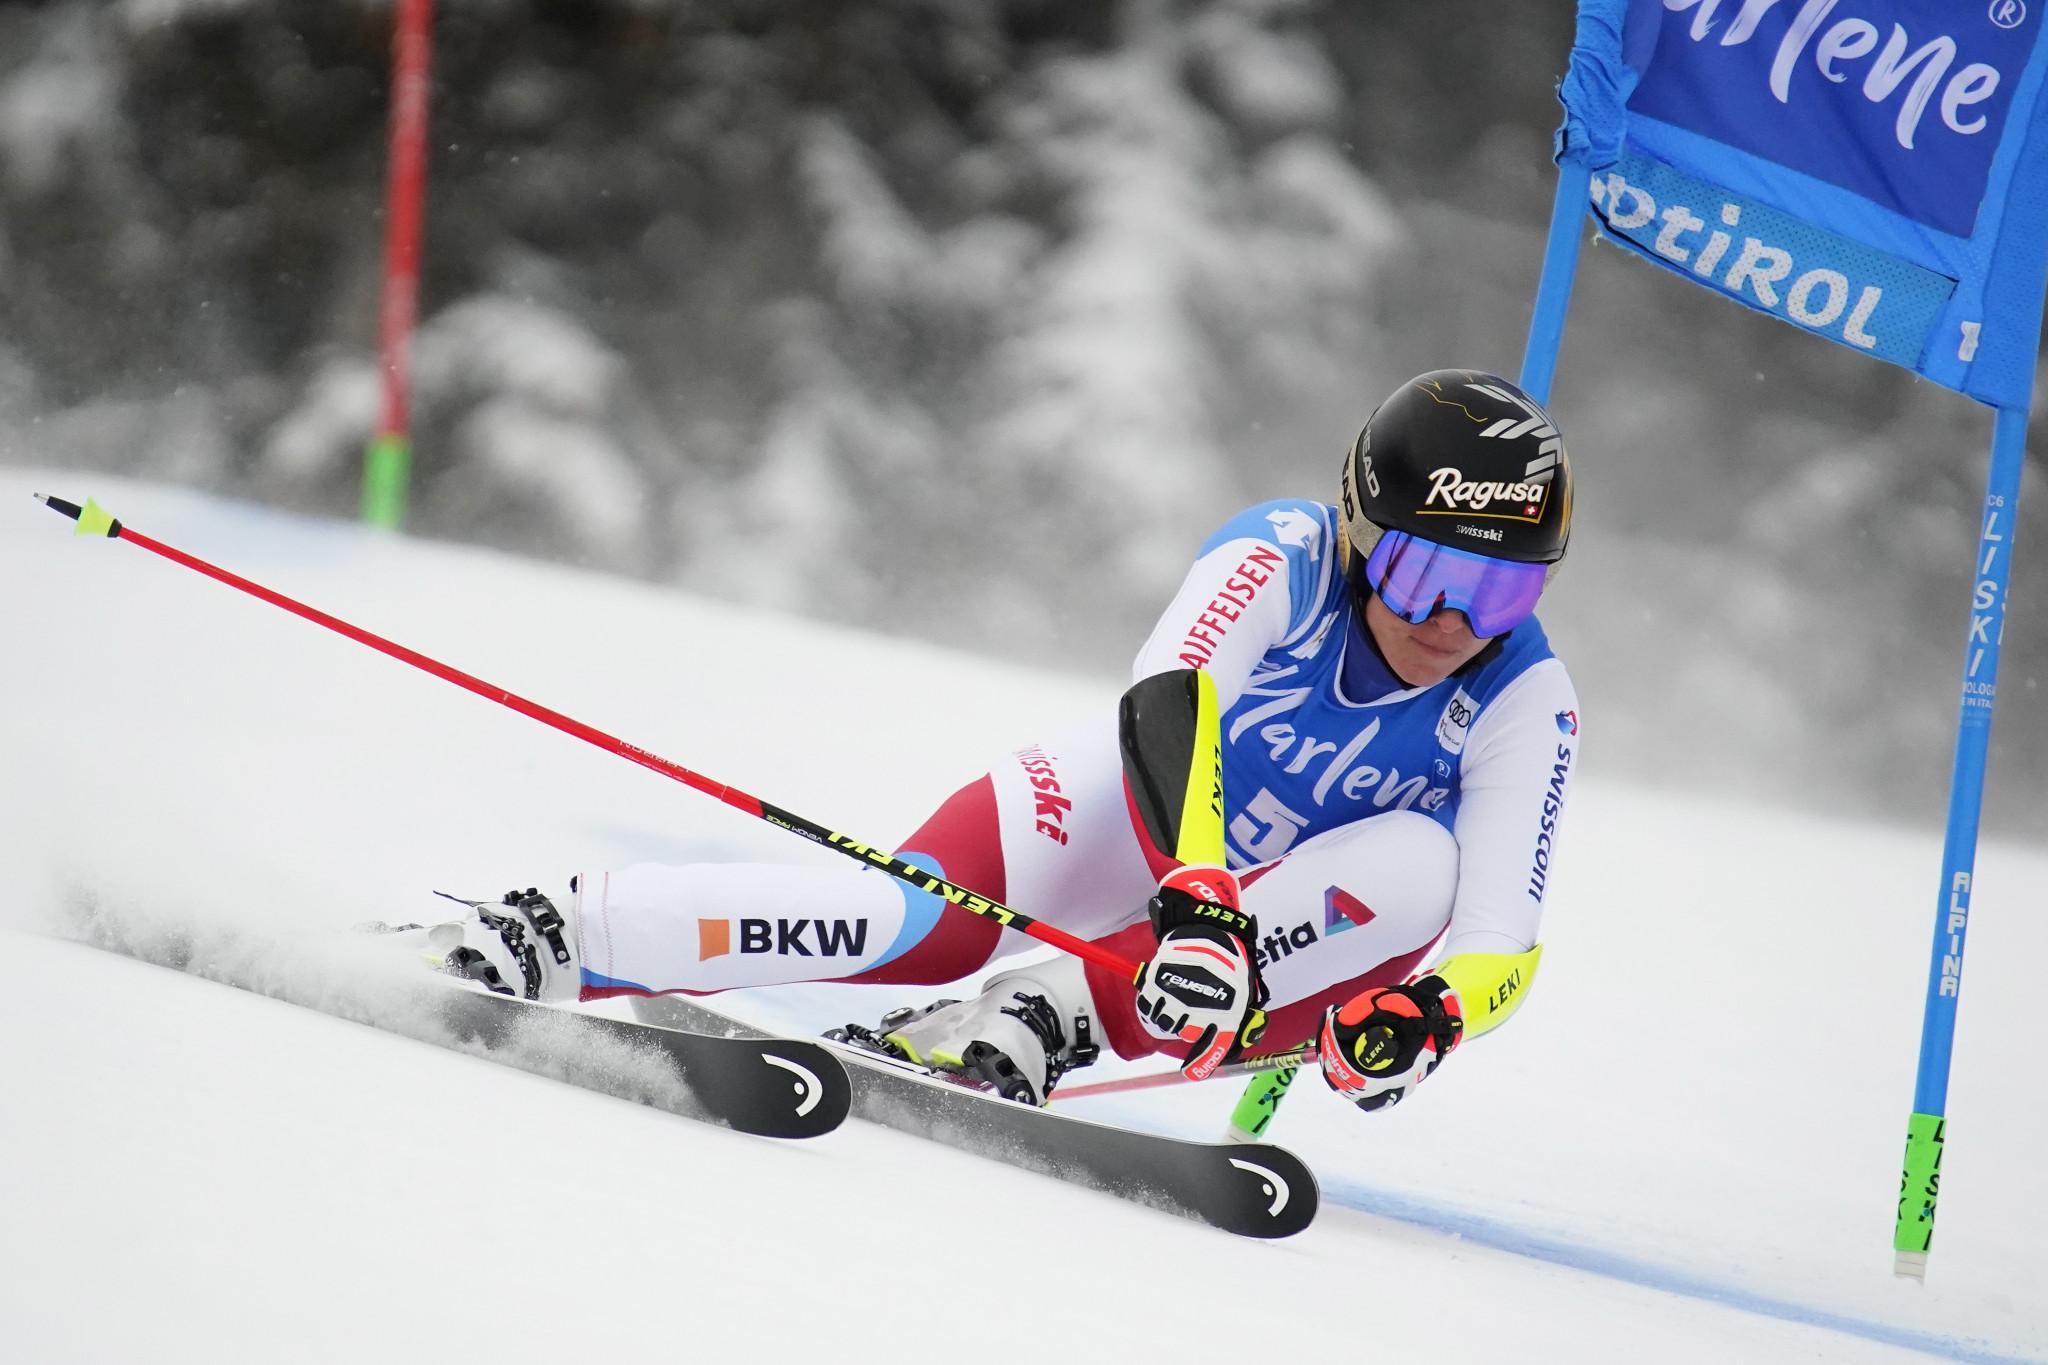 Super-G replaces downhill event at FIS Alpine World Cup in Garmisch-Partenkirchen